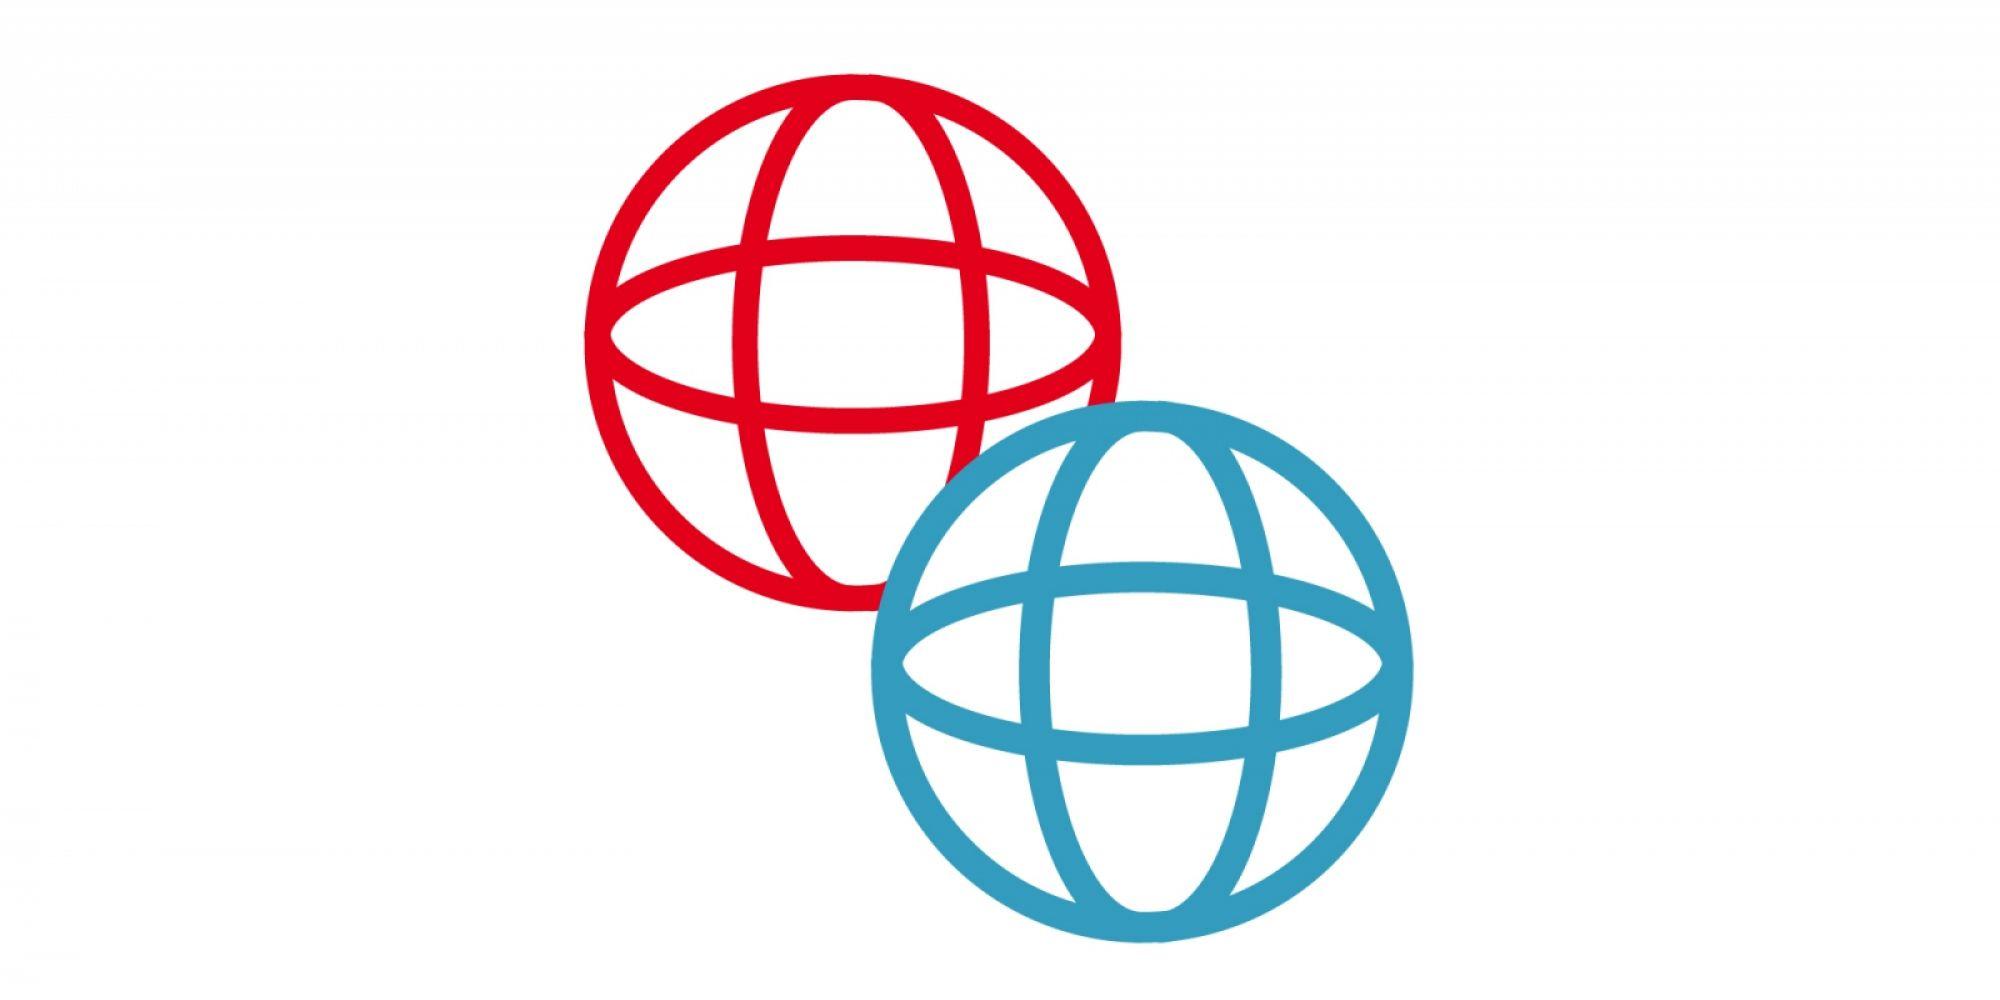 Alta Formazione Marchet - Formazione all'internazionalizzazione